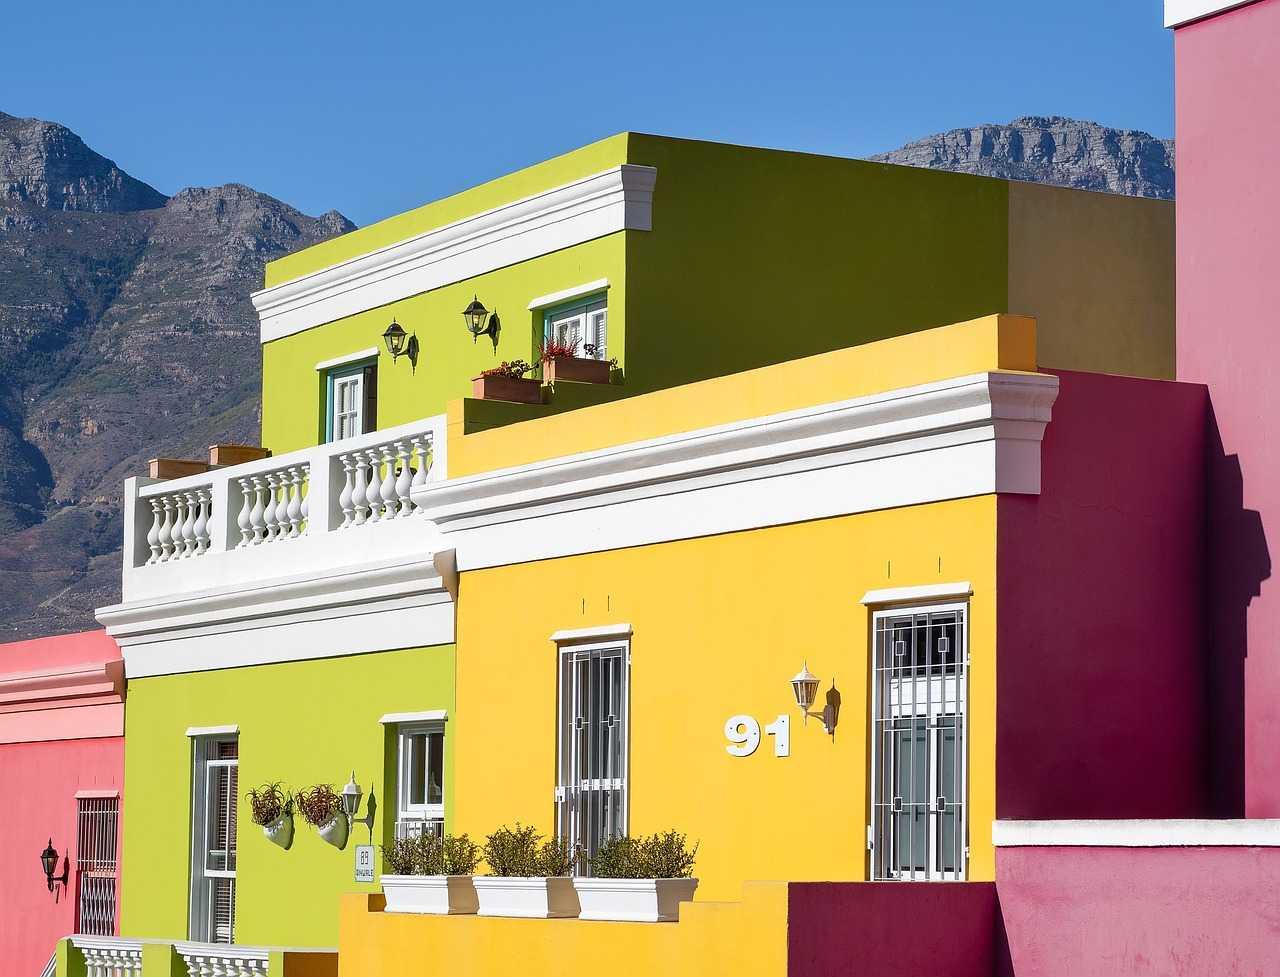 تعرف على أفضل لون دهان خارجي للمنزل 6 من أجمل الألوان على الإطلاق كماشة